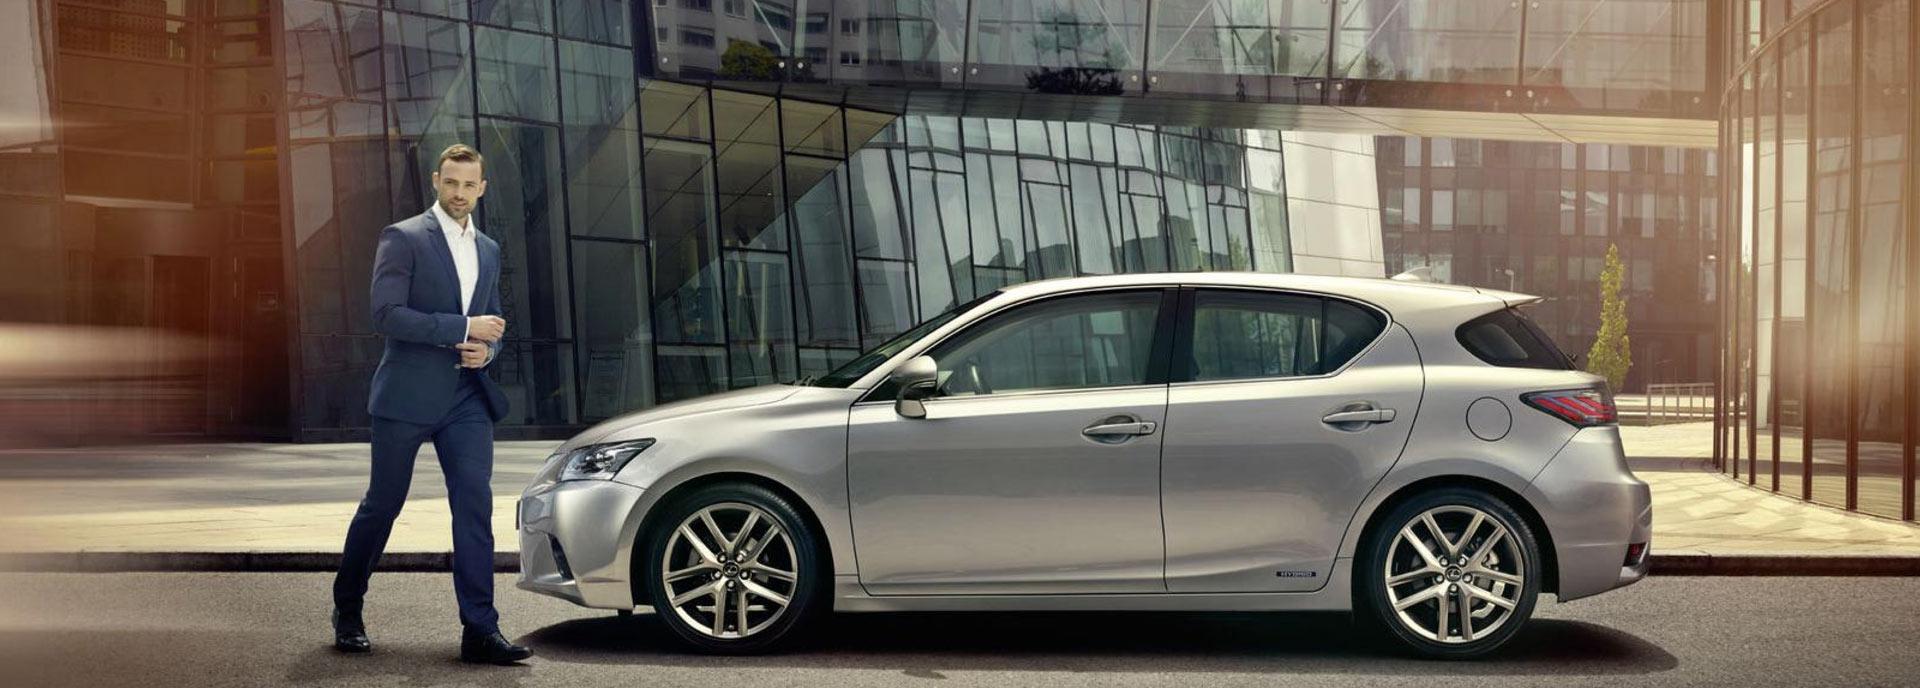 De zijkant van een grijze Lexus CT 200h